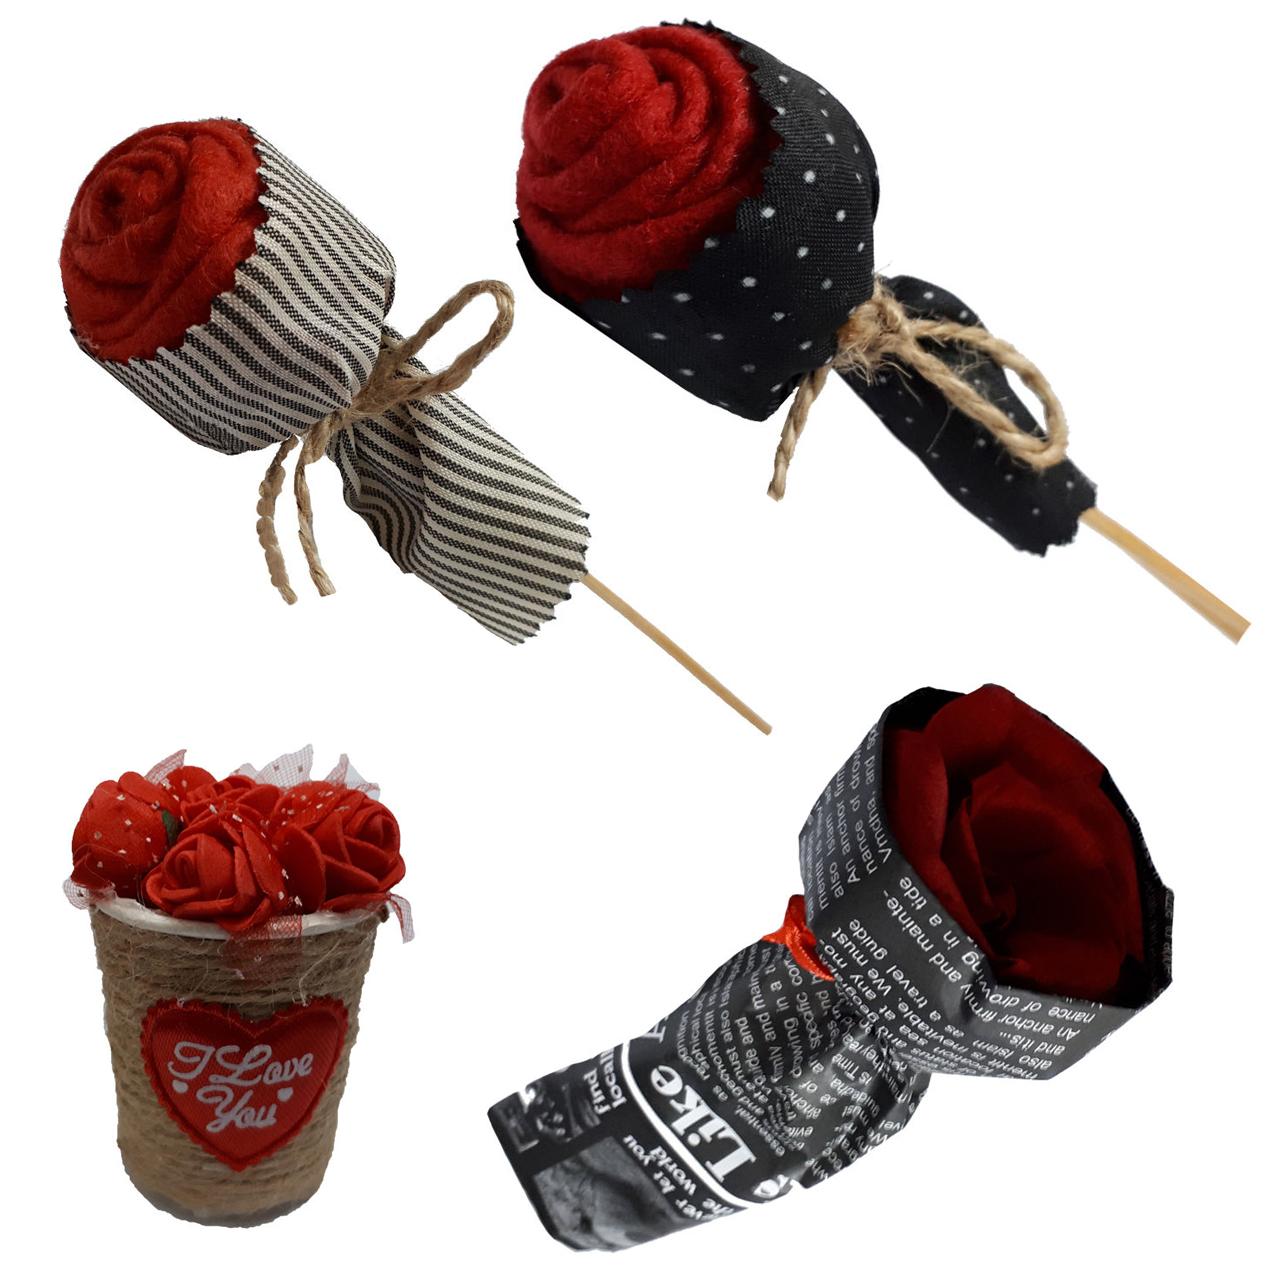 گلدان و گل مصنوعی مدل 3 redflower مجموعه 4 عددی